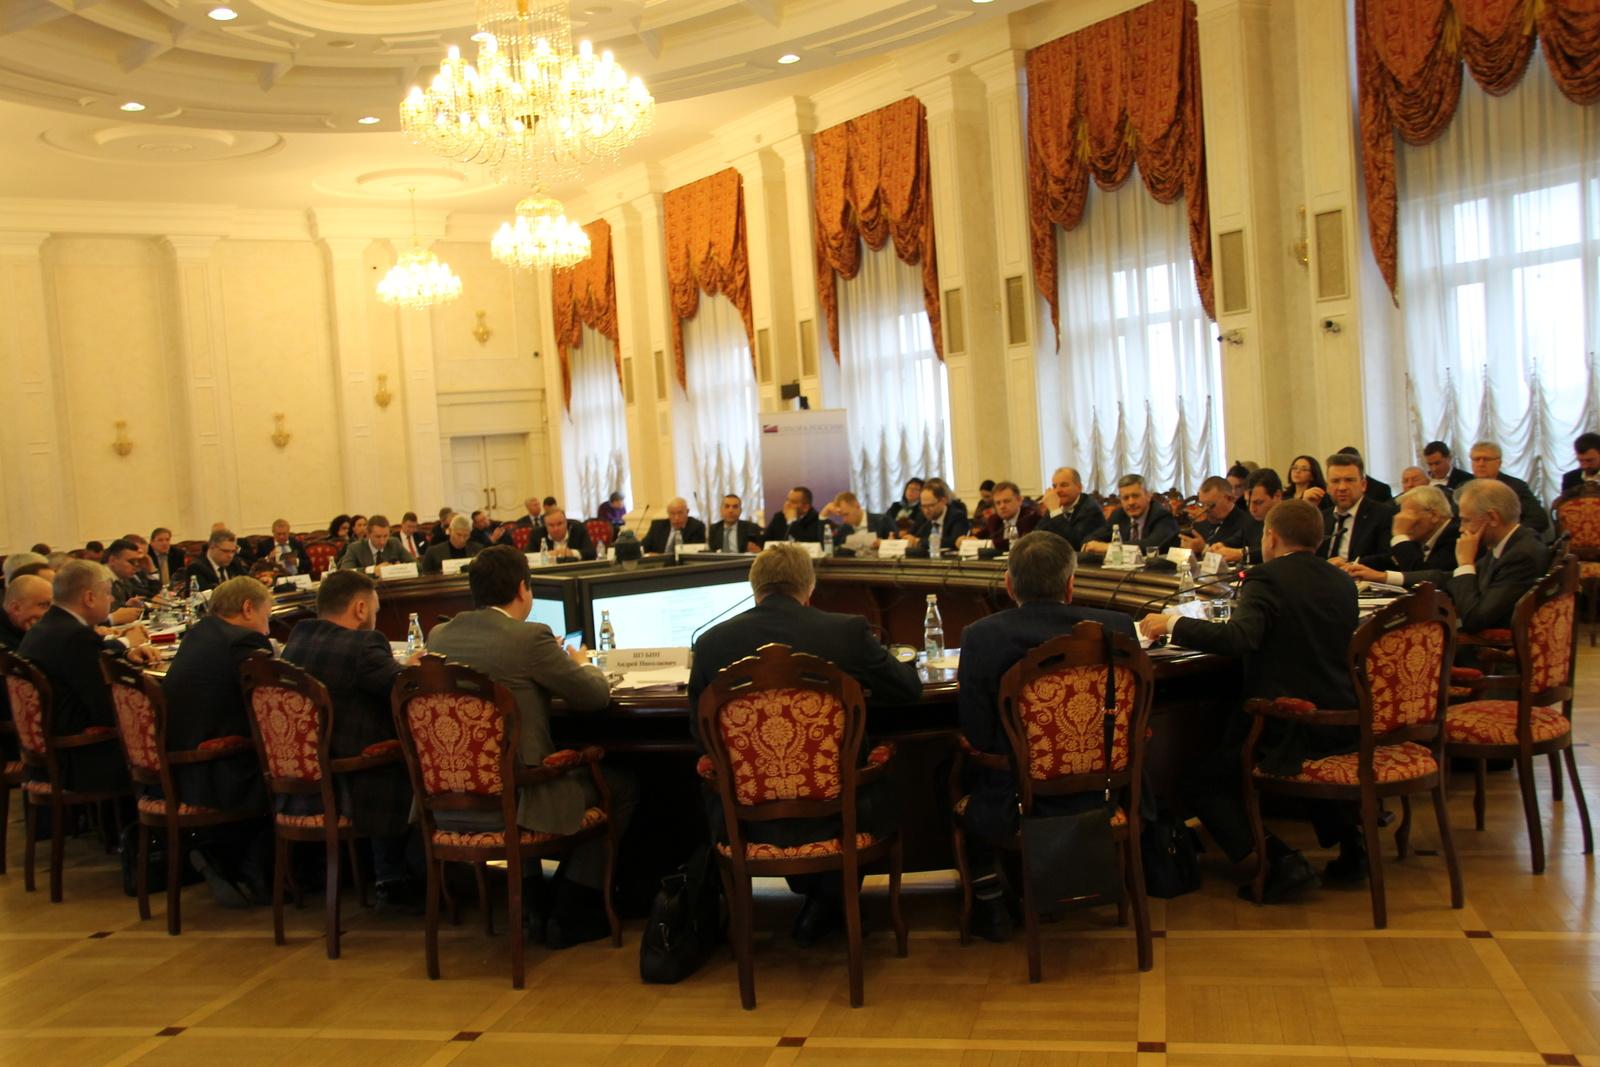 Приоритетные направления работы отраслевых союзов и ассоциаций в рамках реализации национальных проектов обсудили на Общем собрании Ассоциации «НП «ОПОРА»